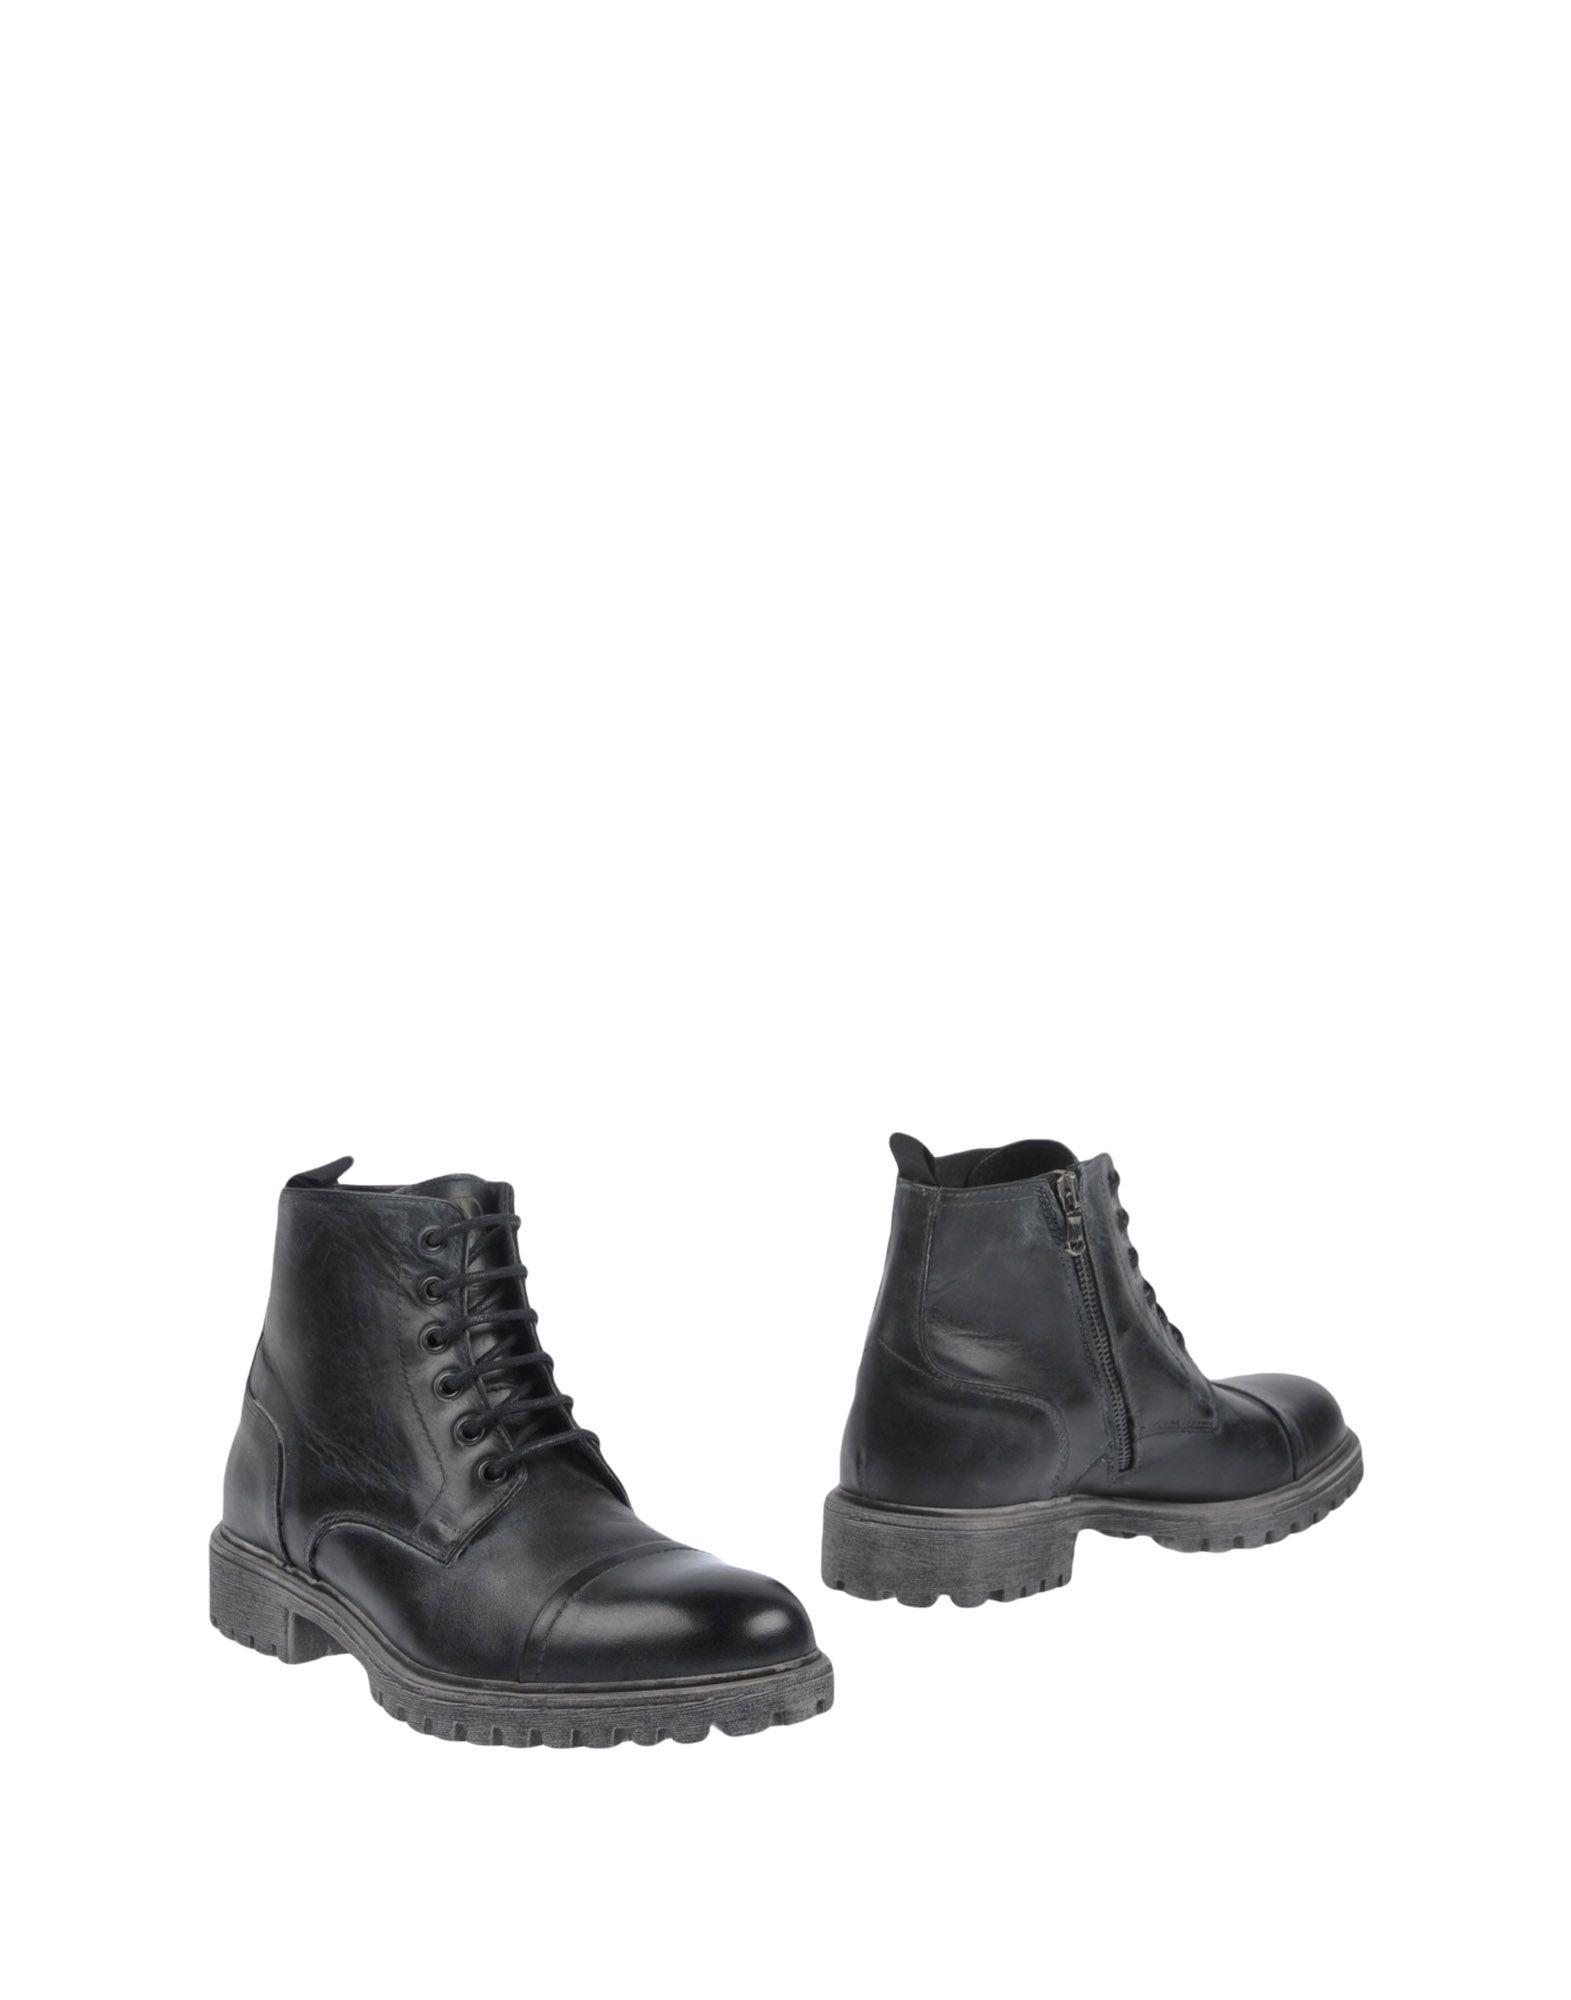 EREDI DEL DUCA Полусапоги и высокие ботинки magazzini del sale полусапоги и высокие ботинки